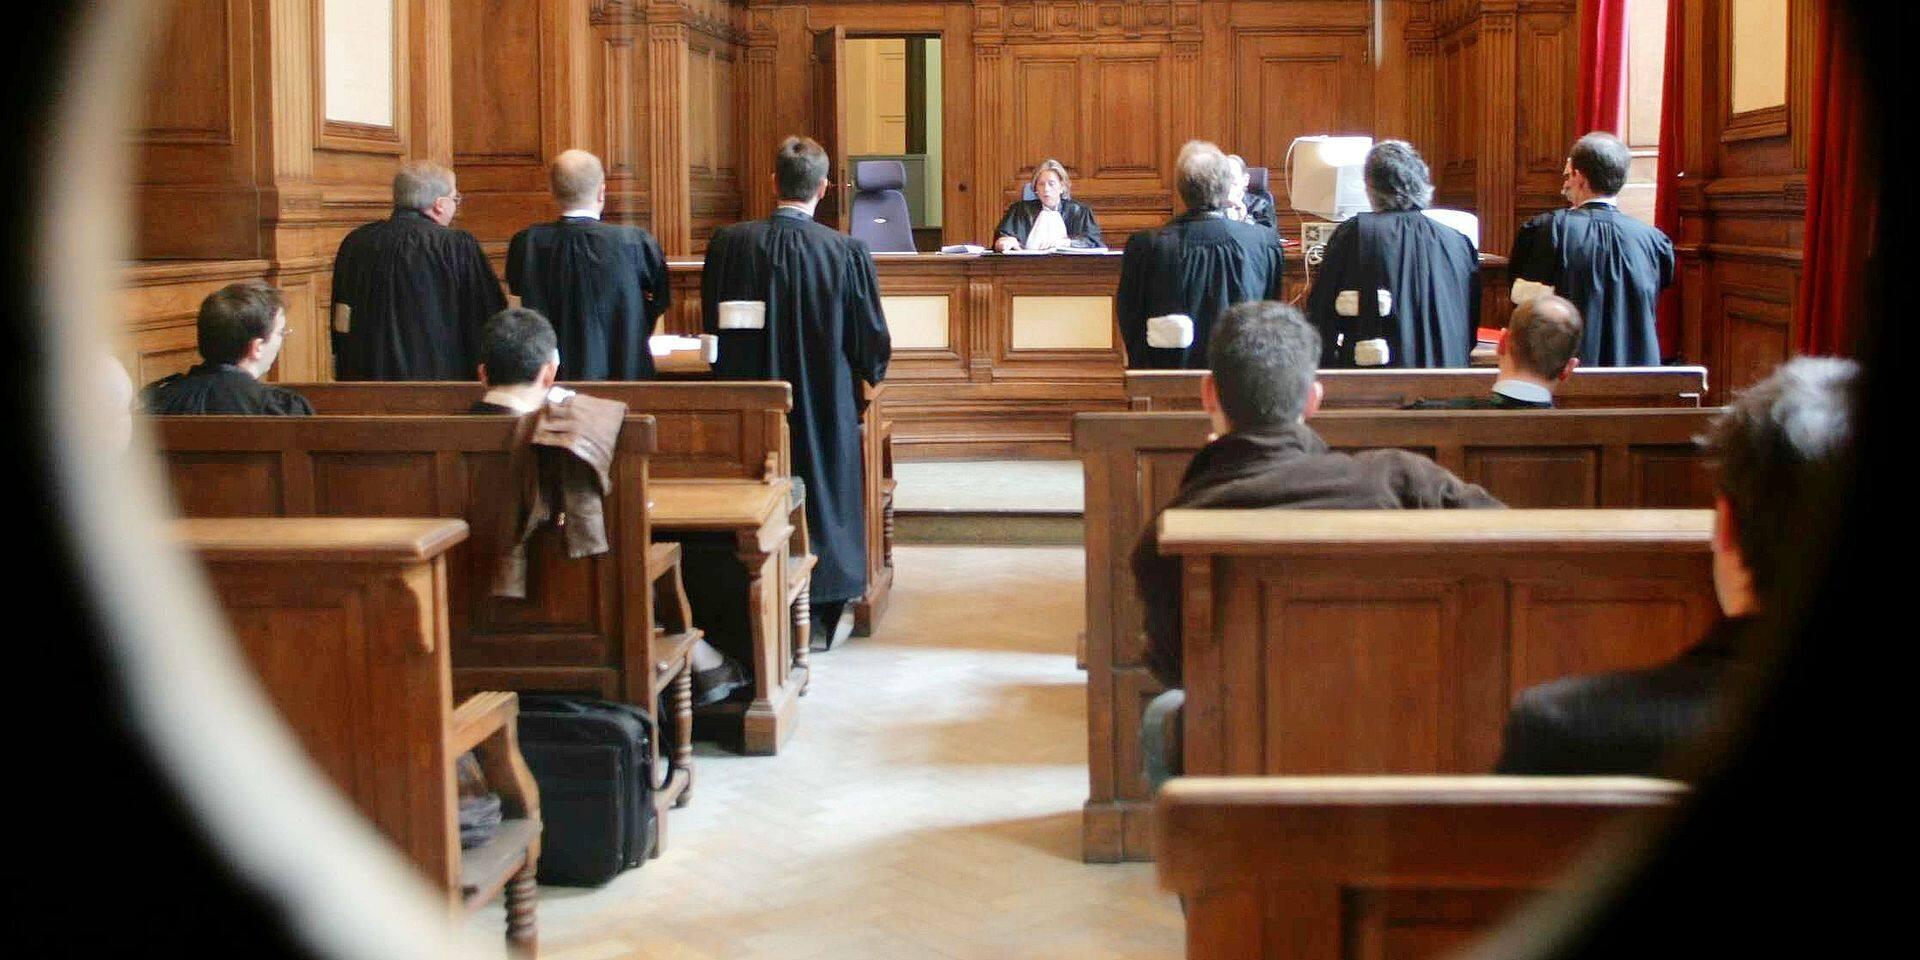 La Louvière : Il risque quatre ans de prison pour avoir tenter d'écraser en voiture le compagnon d'une femme qu'il venait d'agresser